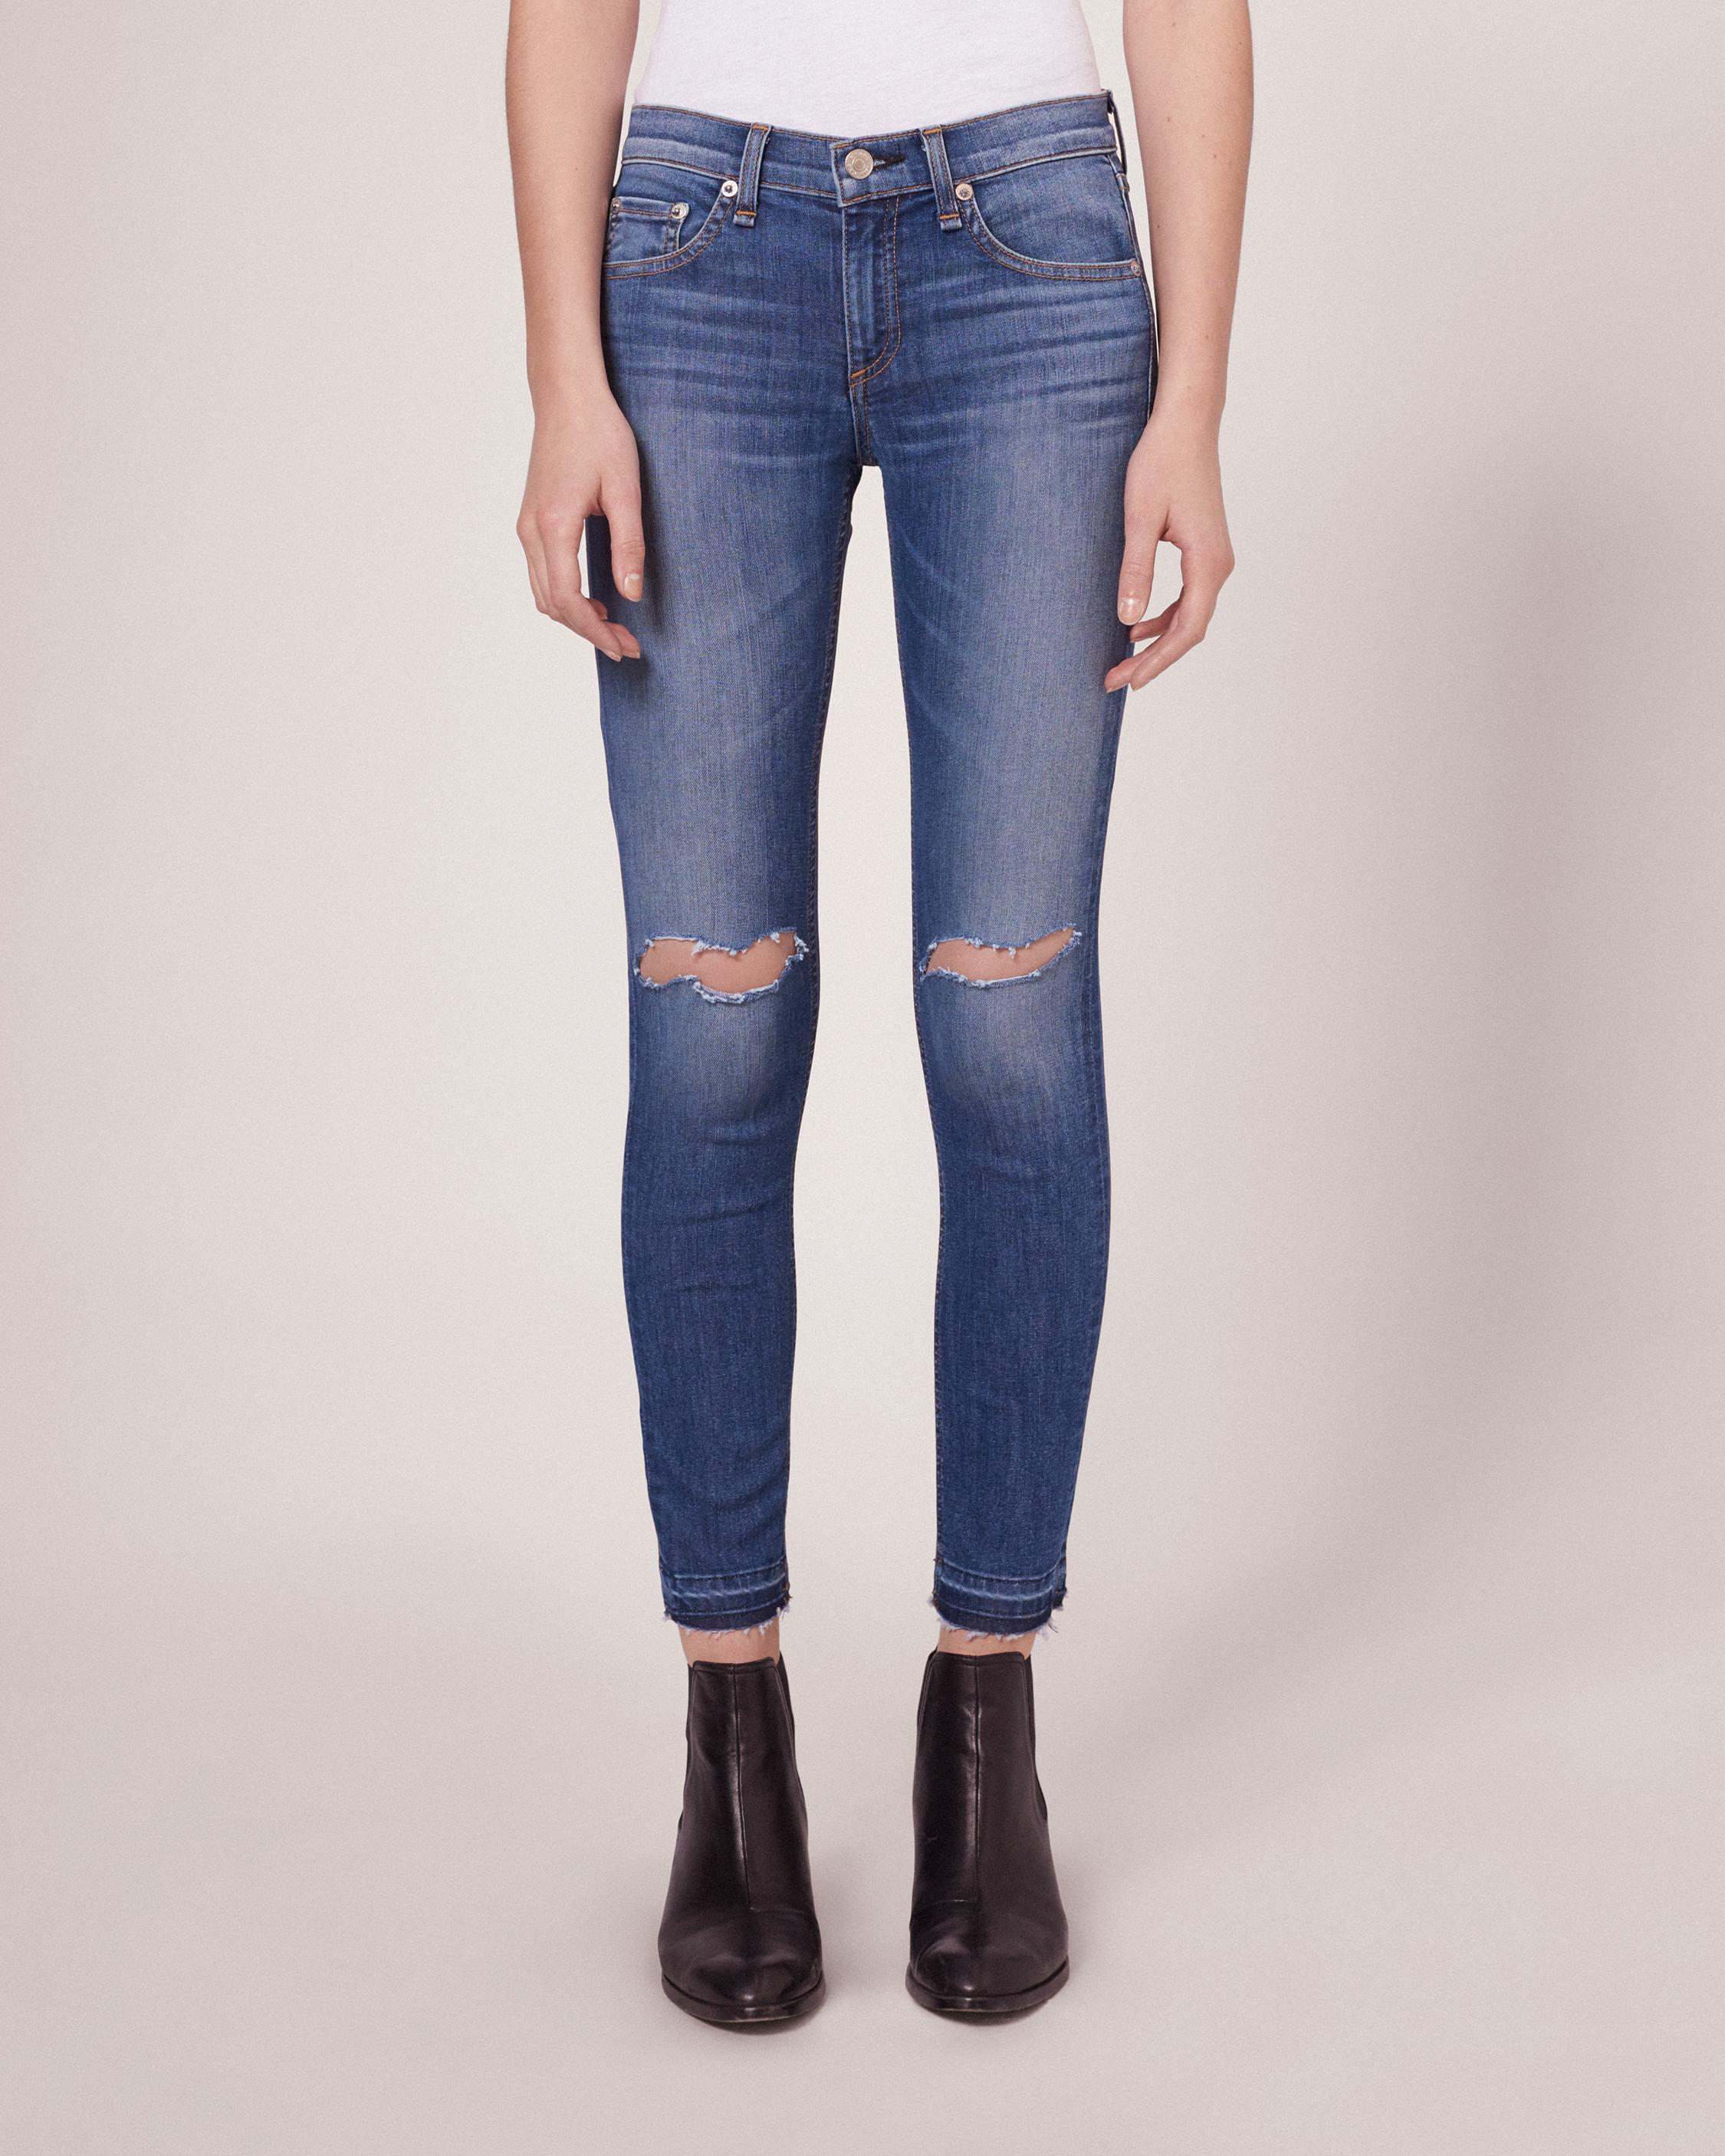 Jeans: Skinny Denim to High Rise & Capri to Boyfriend with Urban ...